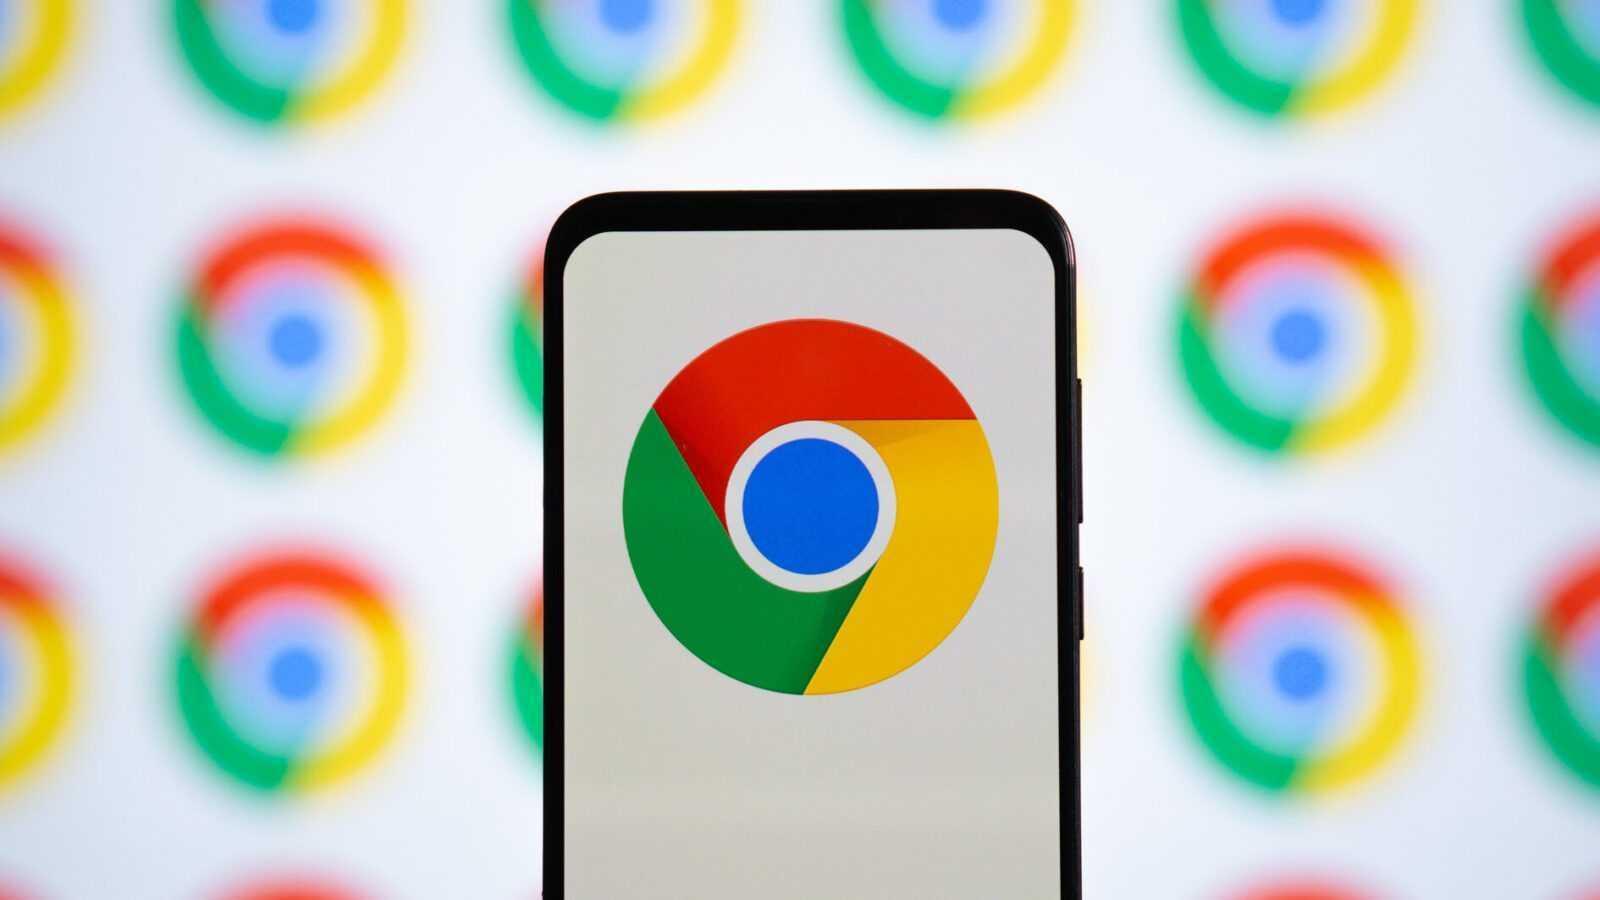 Обновление Chrome 91: заморозка вкладок и улучшенная масштабируемость на больших экранах (2021 04 26 new browser 91 5)